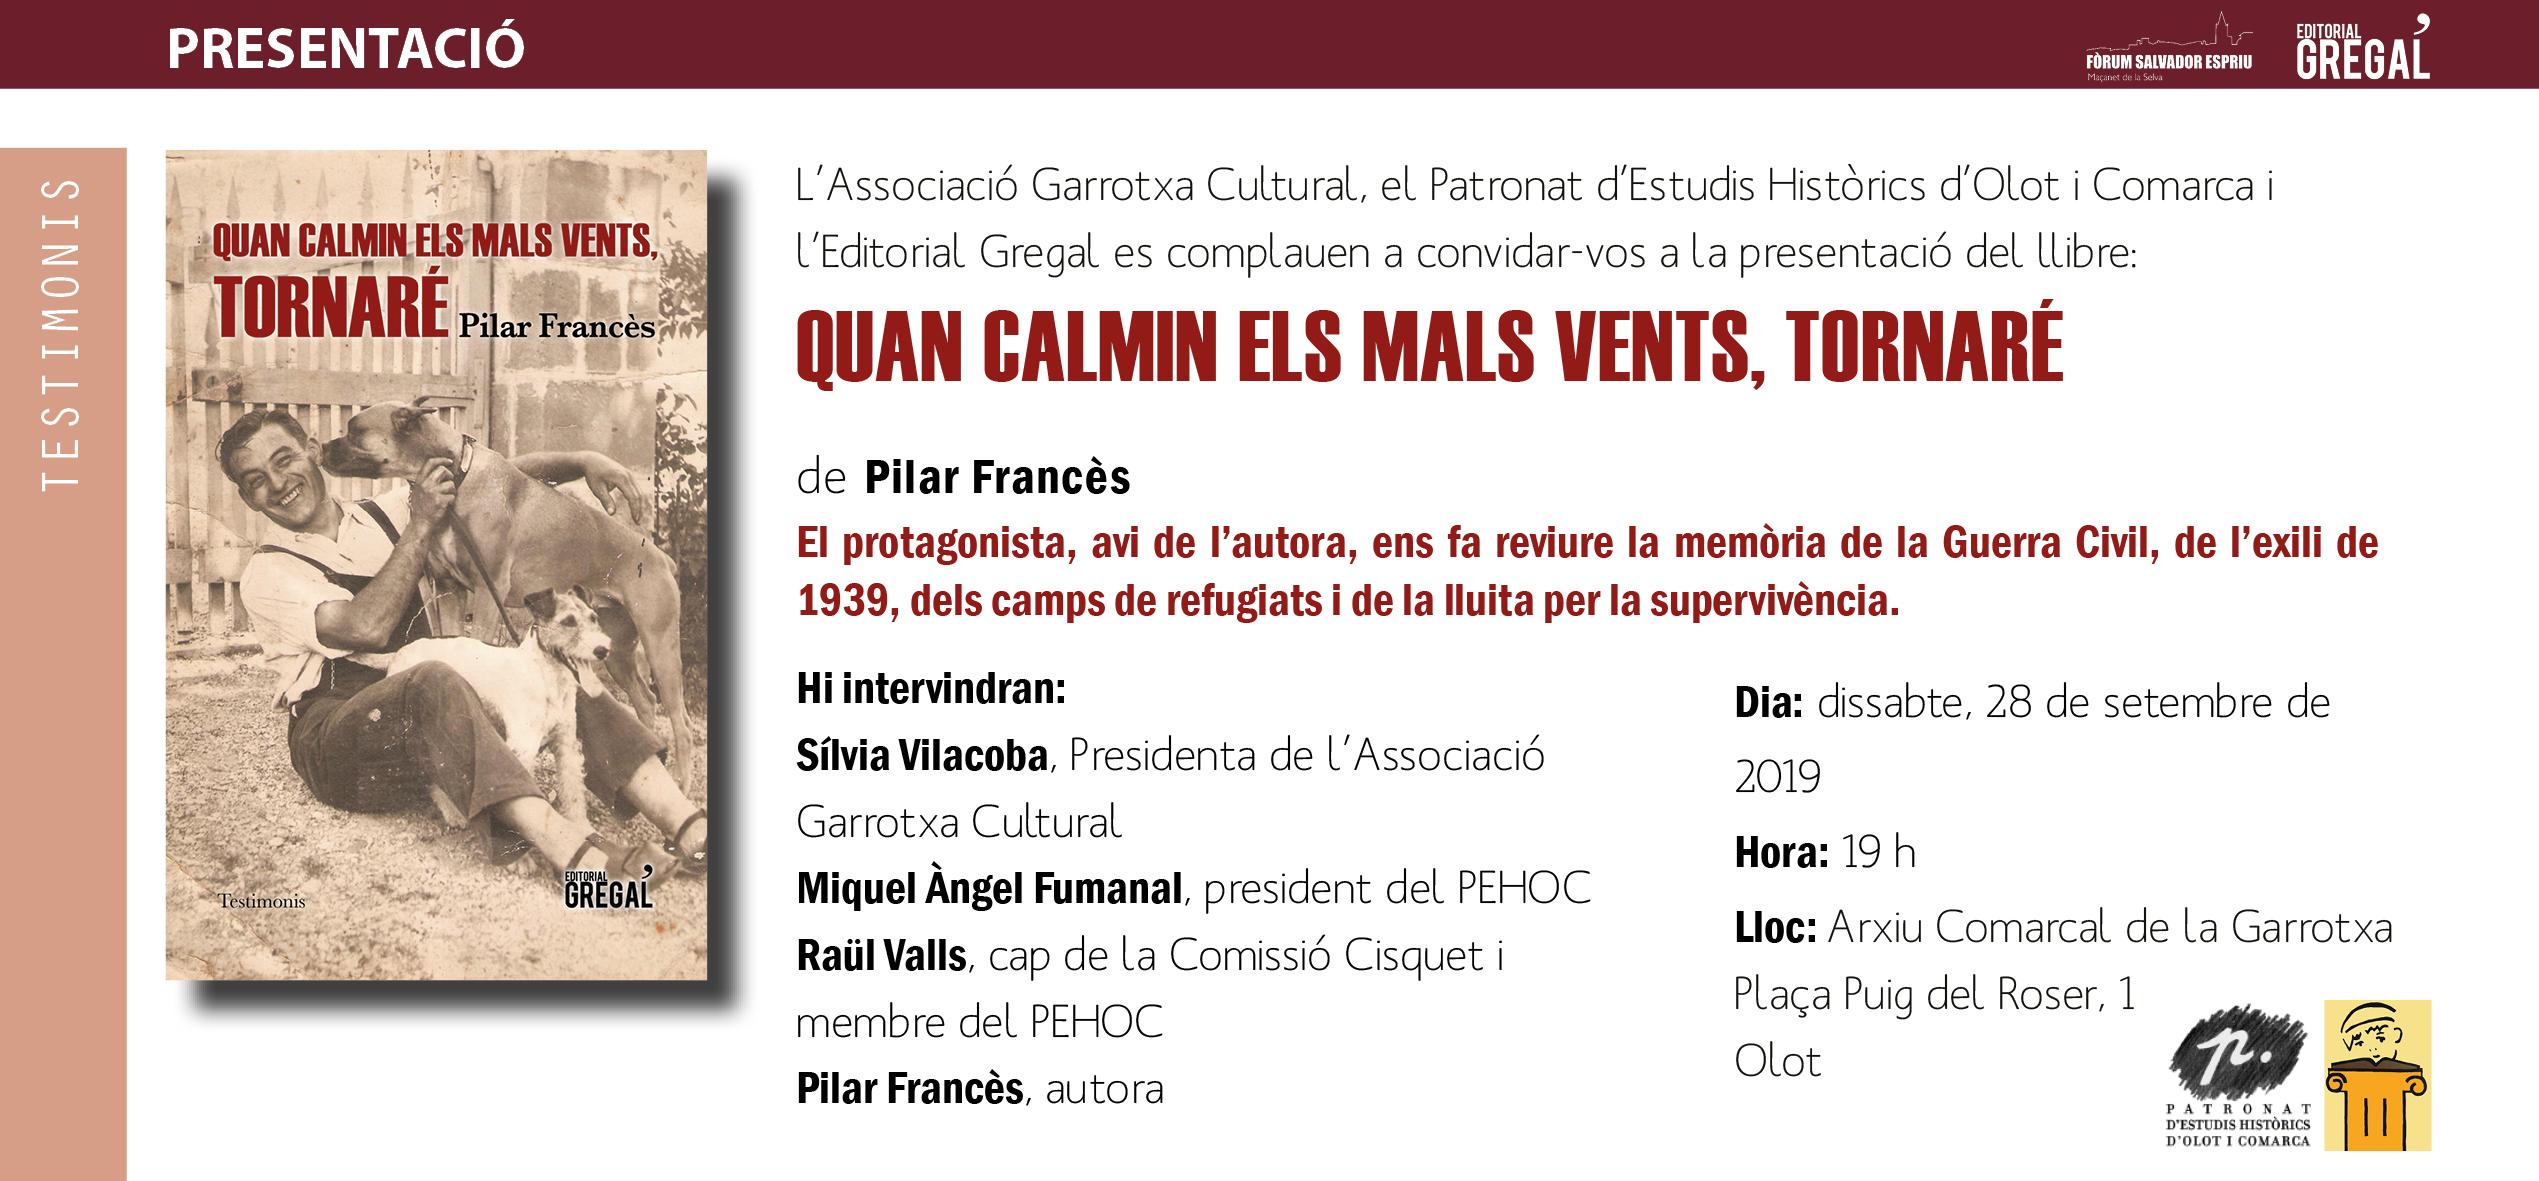 Invitació QUAN CALMIN ELS MALS VENTS, TORNARÉ_Olot.jpg